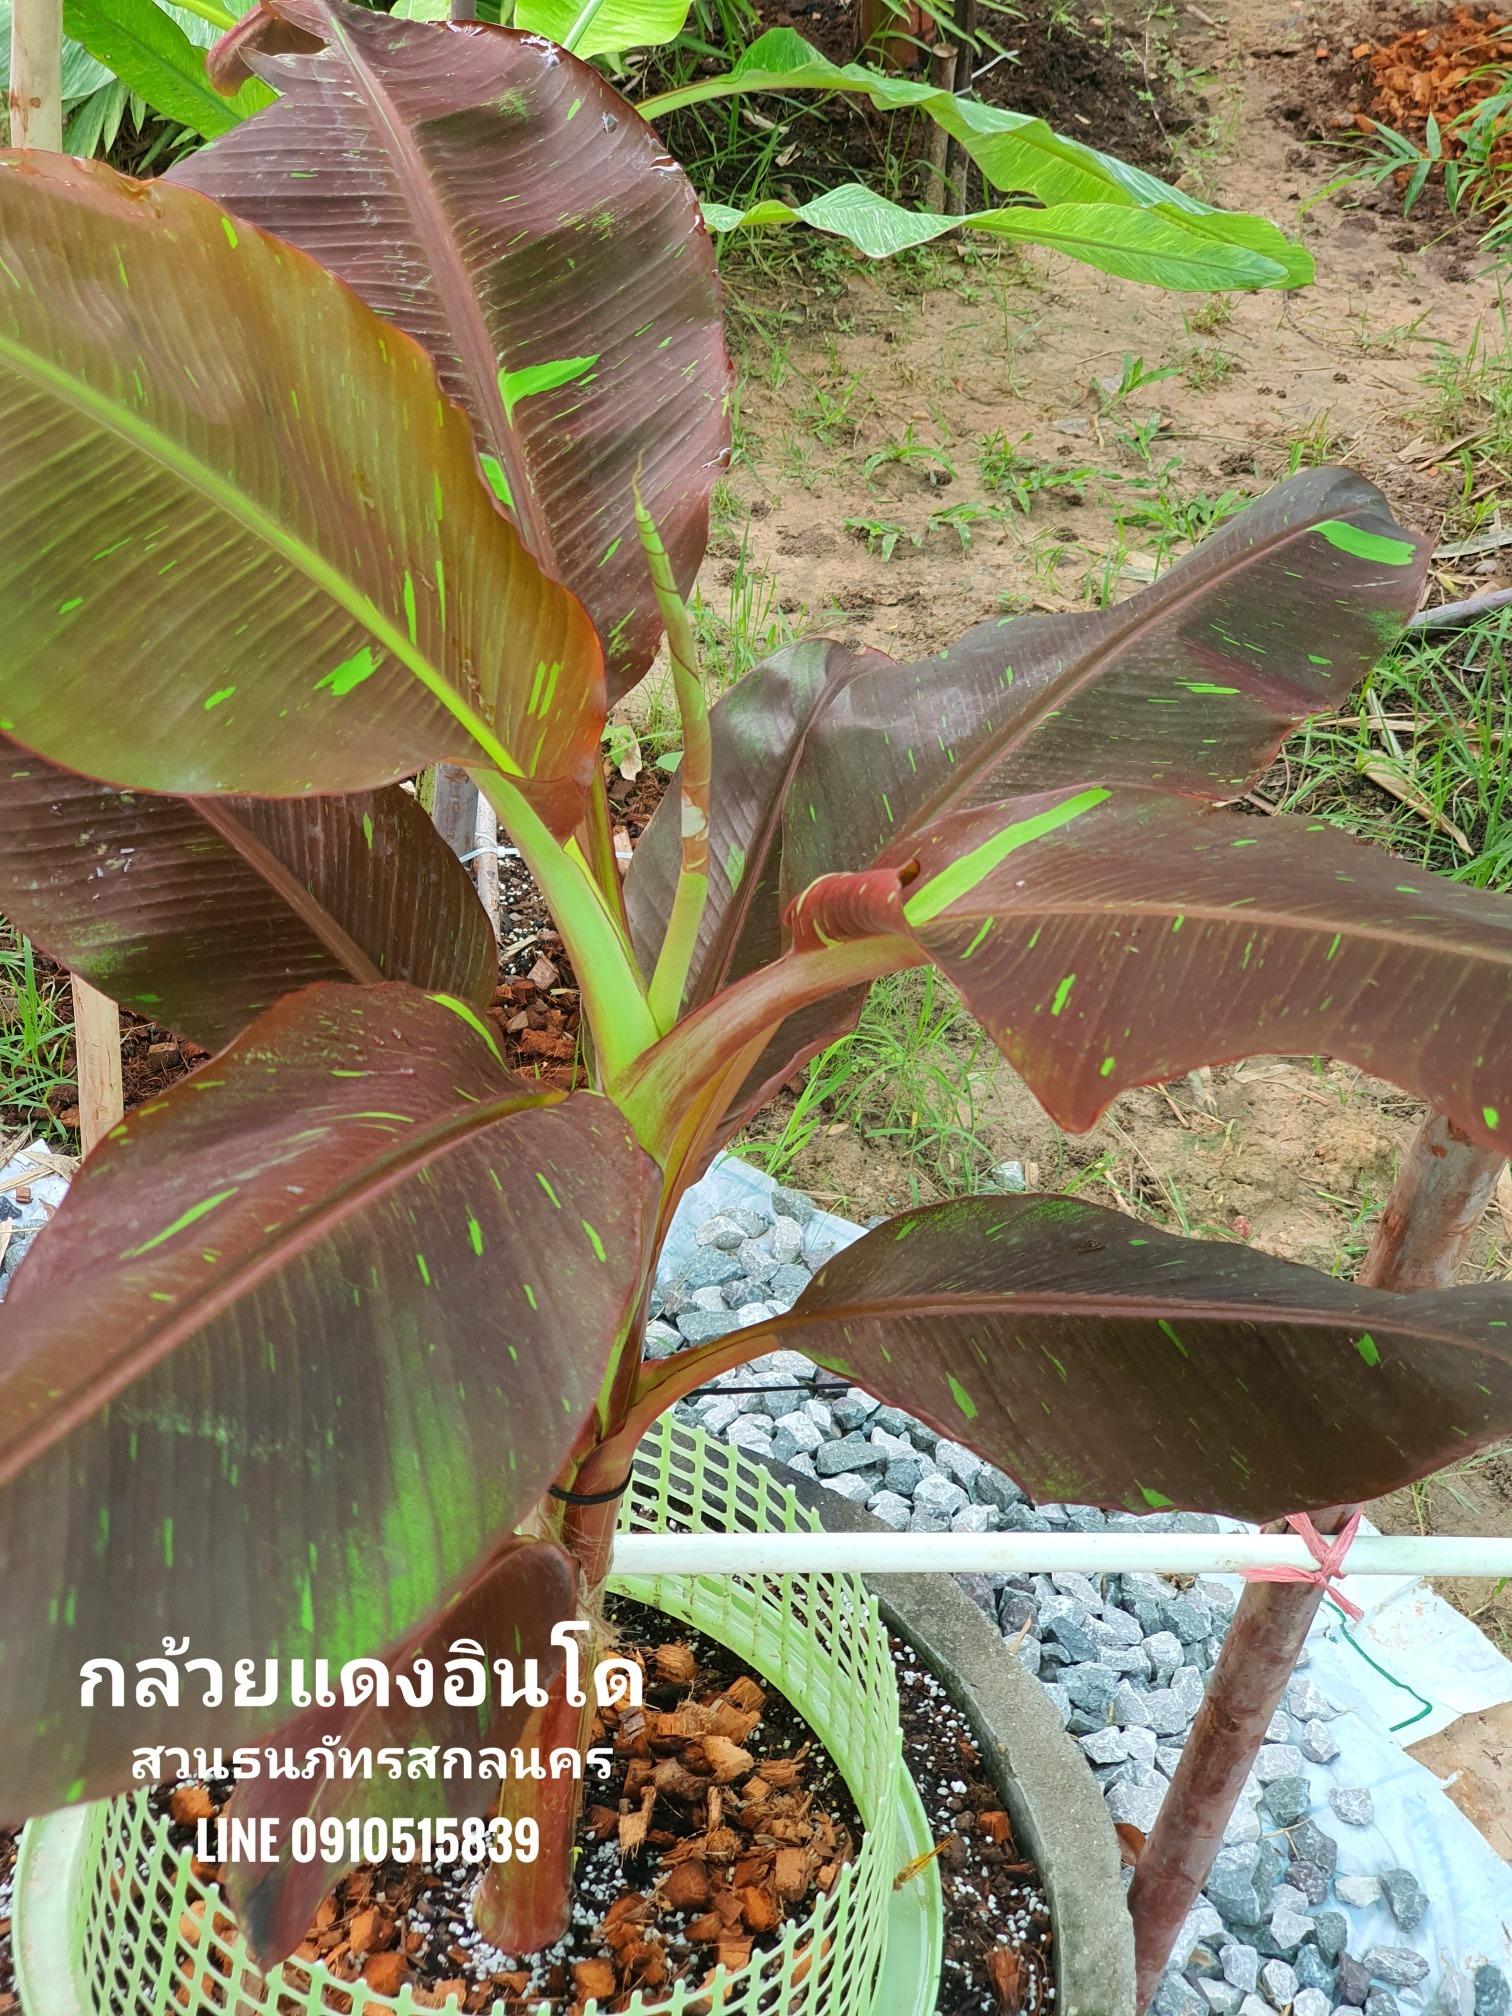 กล้วยแดงอินโด ราคาดี กำลังเป็นที่ต้องการของตลาดโดยเฉพาะกลุ่มคนรักกล้วยด่าง